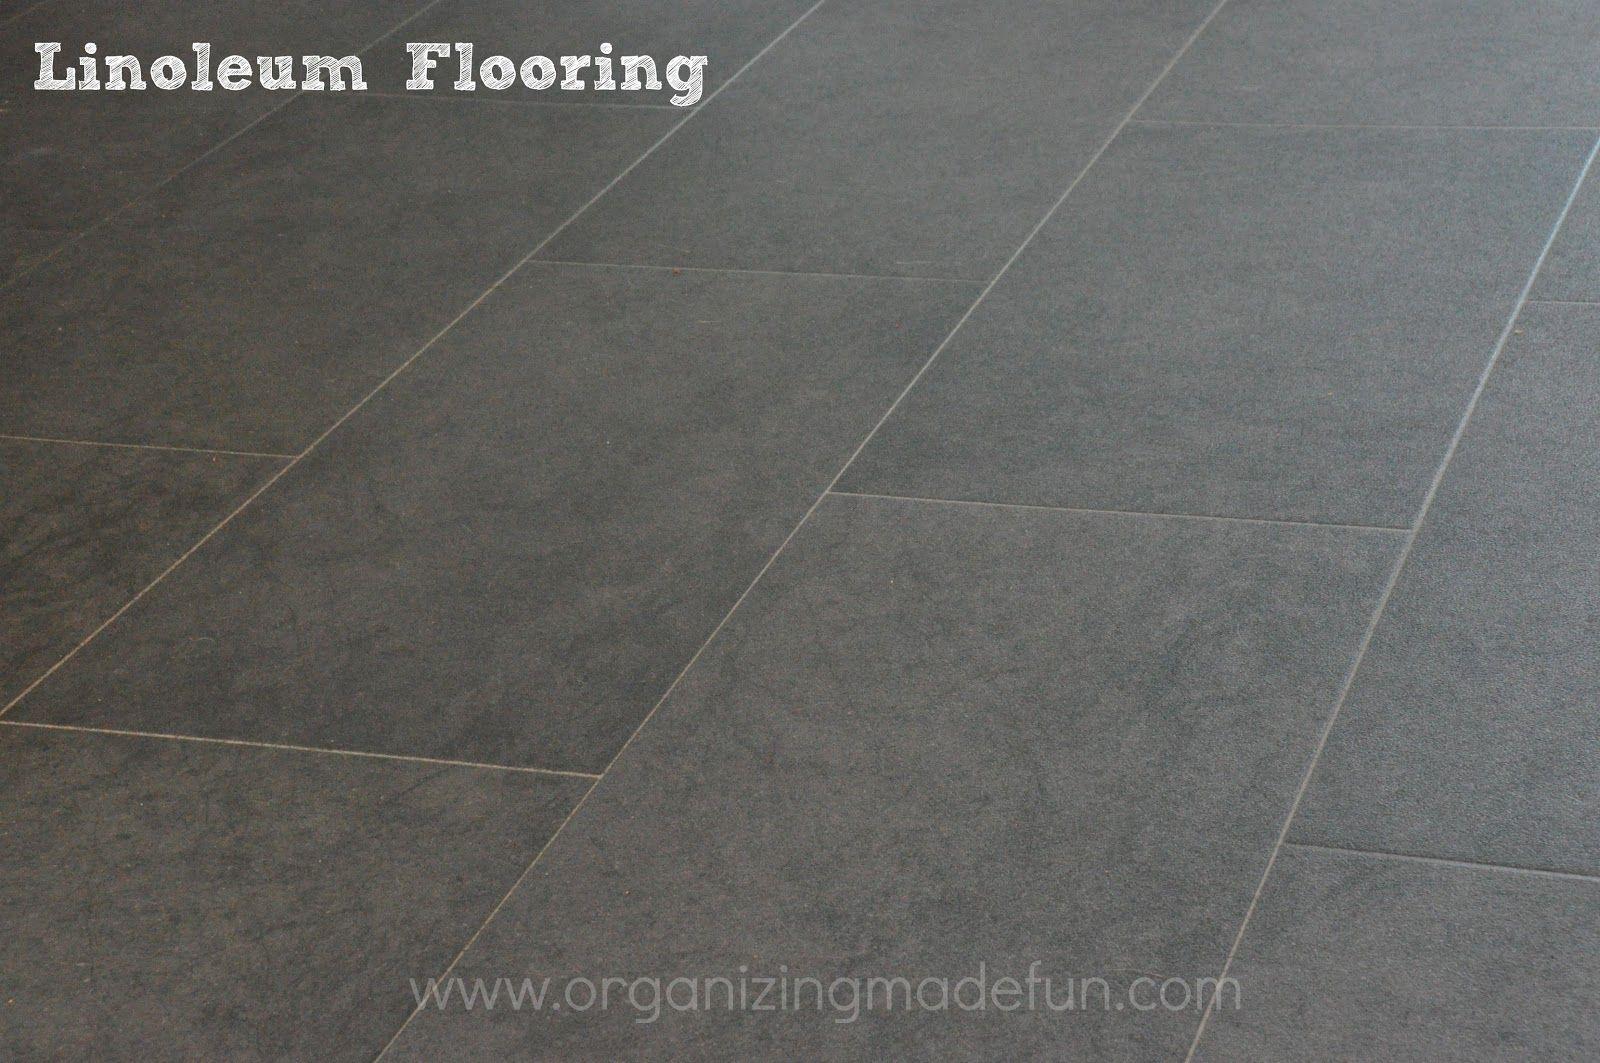 Linoleum Floor Up Close | OrganizingMadeFun.com